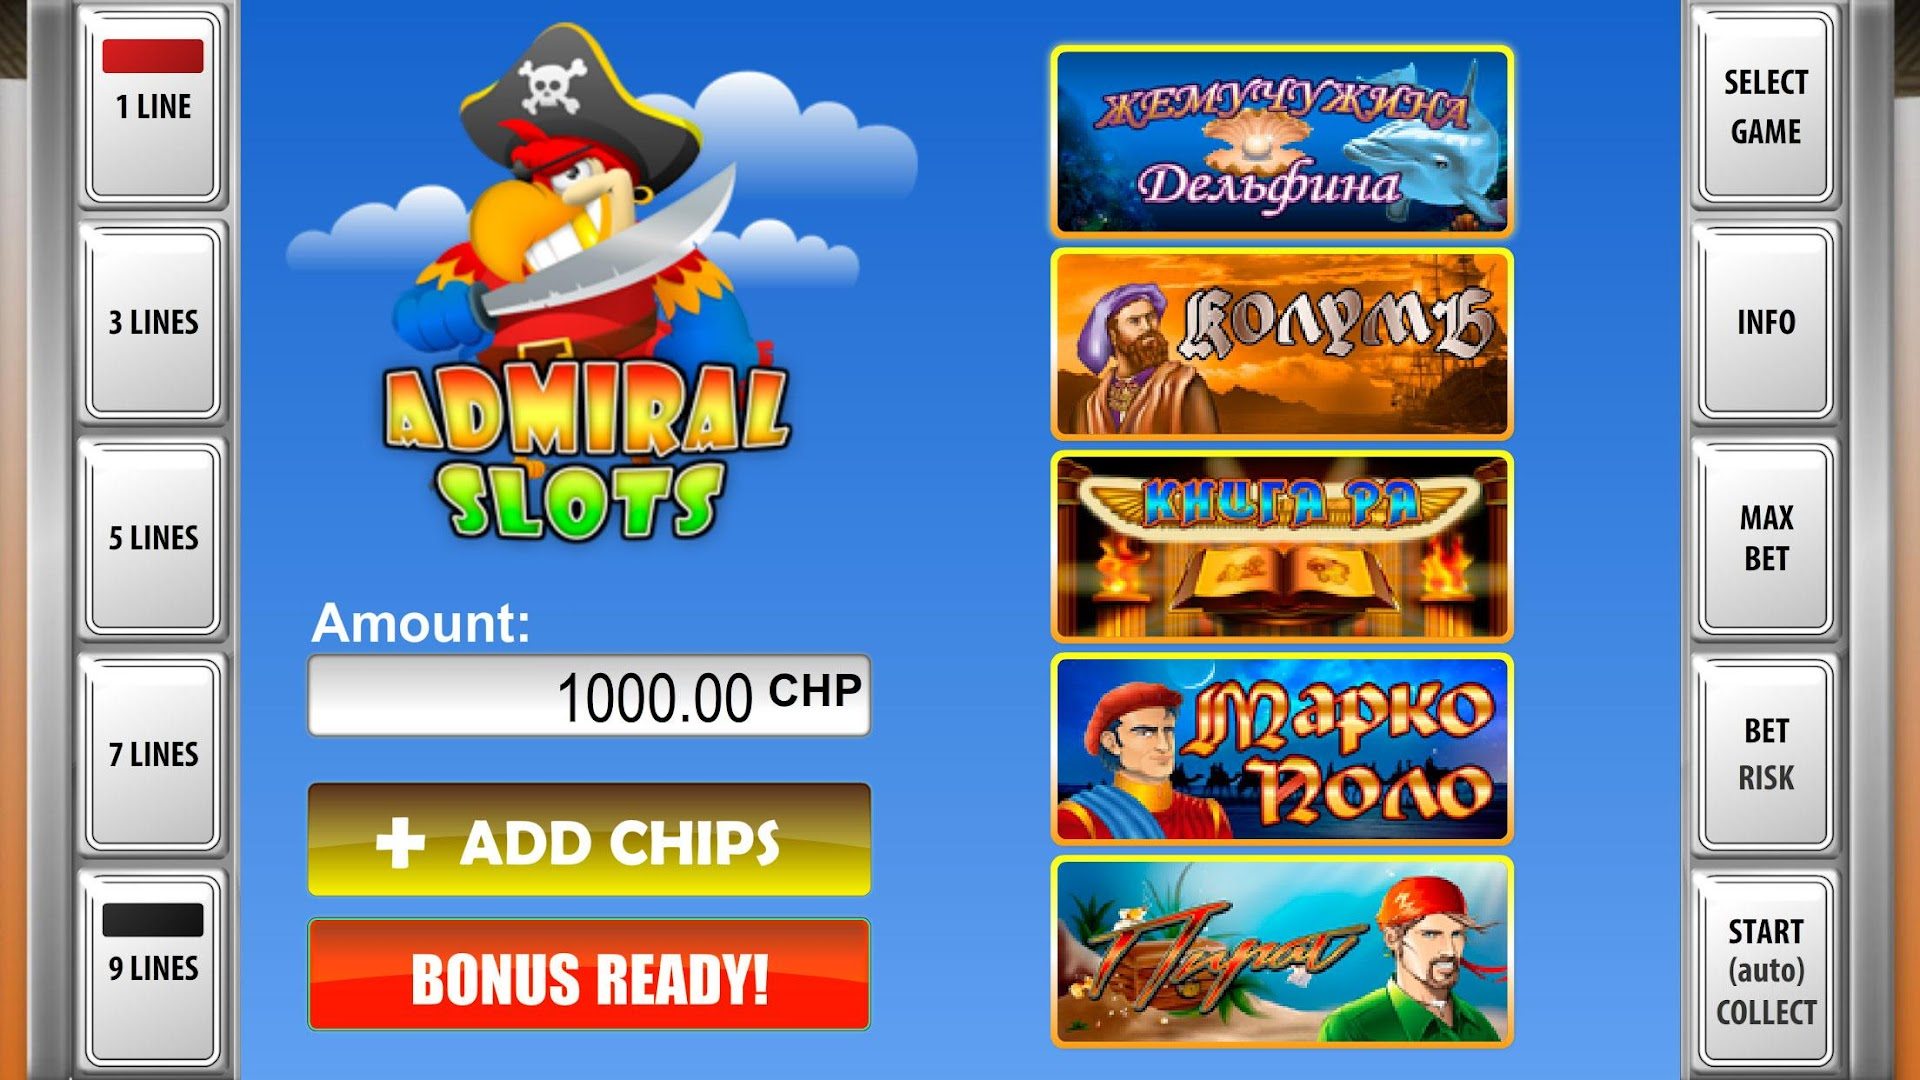 Здесь бесплатные игровые автоматы и слоты в онлайне без ограничений